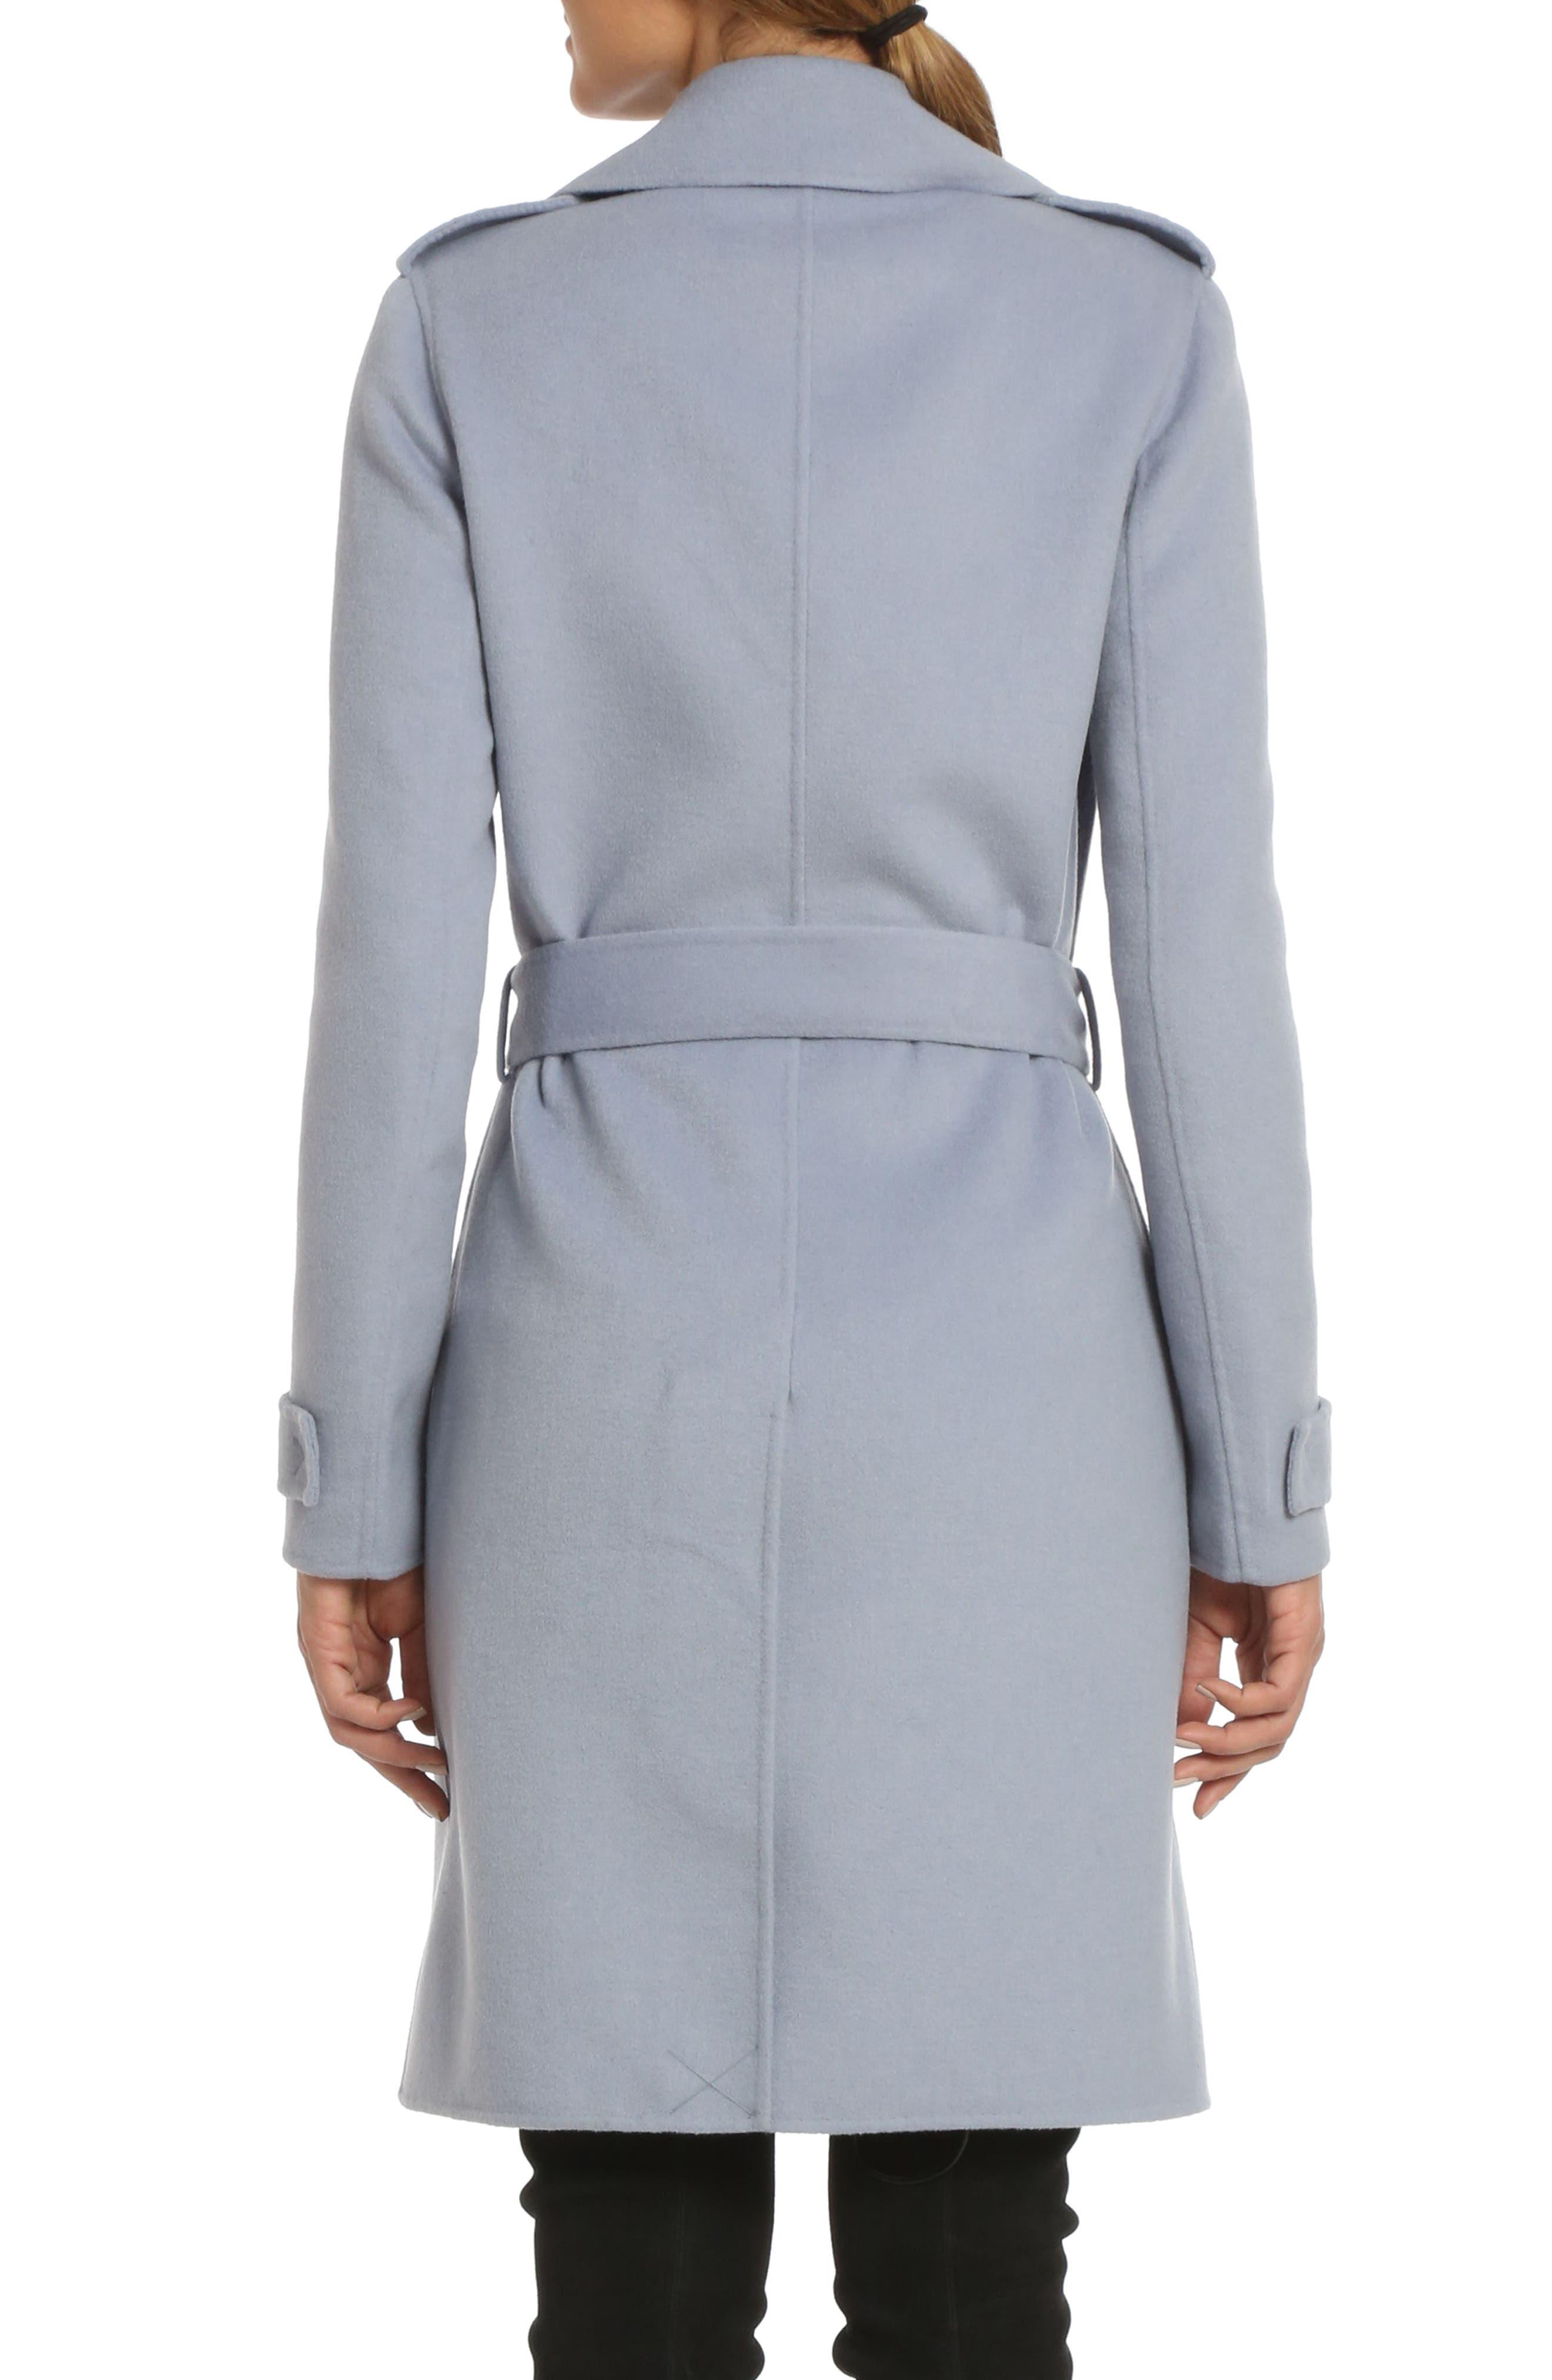 Alexis Double Face Wool Blend Long Wrap Coat,                             Alternate thumbnail 2, color,                             456